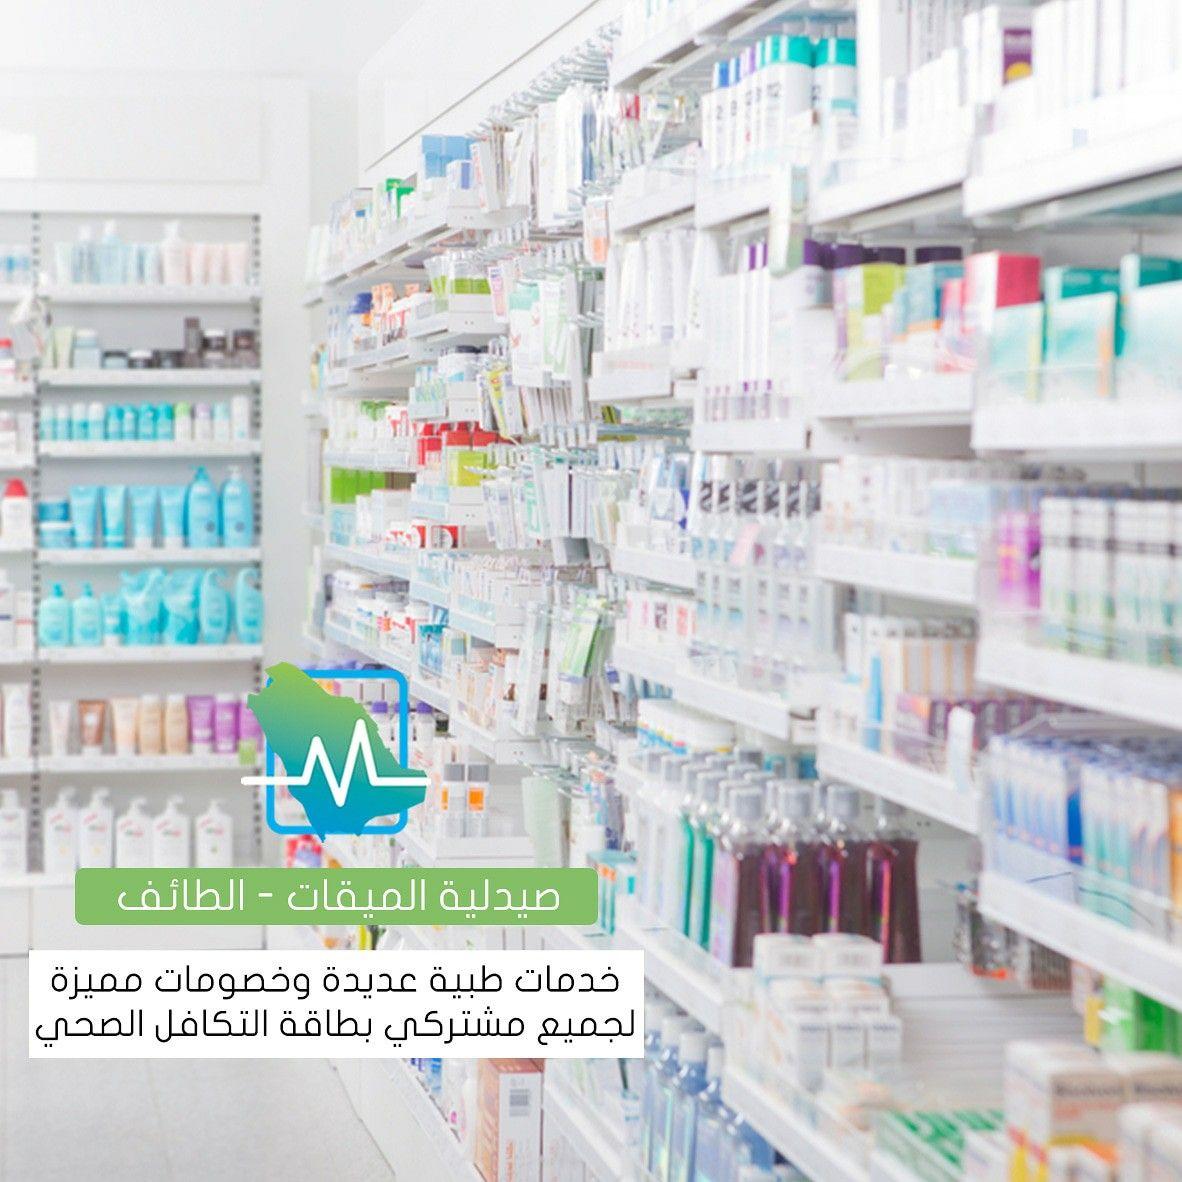 احصل على أفضل الأدوية والأجهزة الطبية ومستحضرات التجميل من صيدلية الميقات في الطائف وبخصومات على بطاقة التكافل الصحي الأدوية 10 Health Insurance Insurance